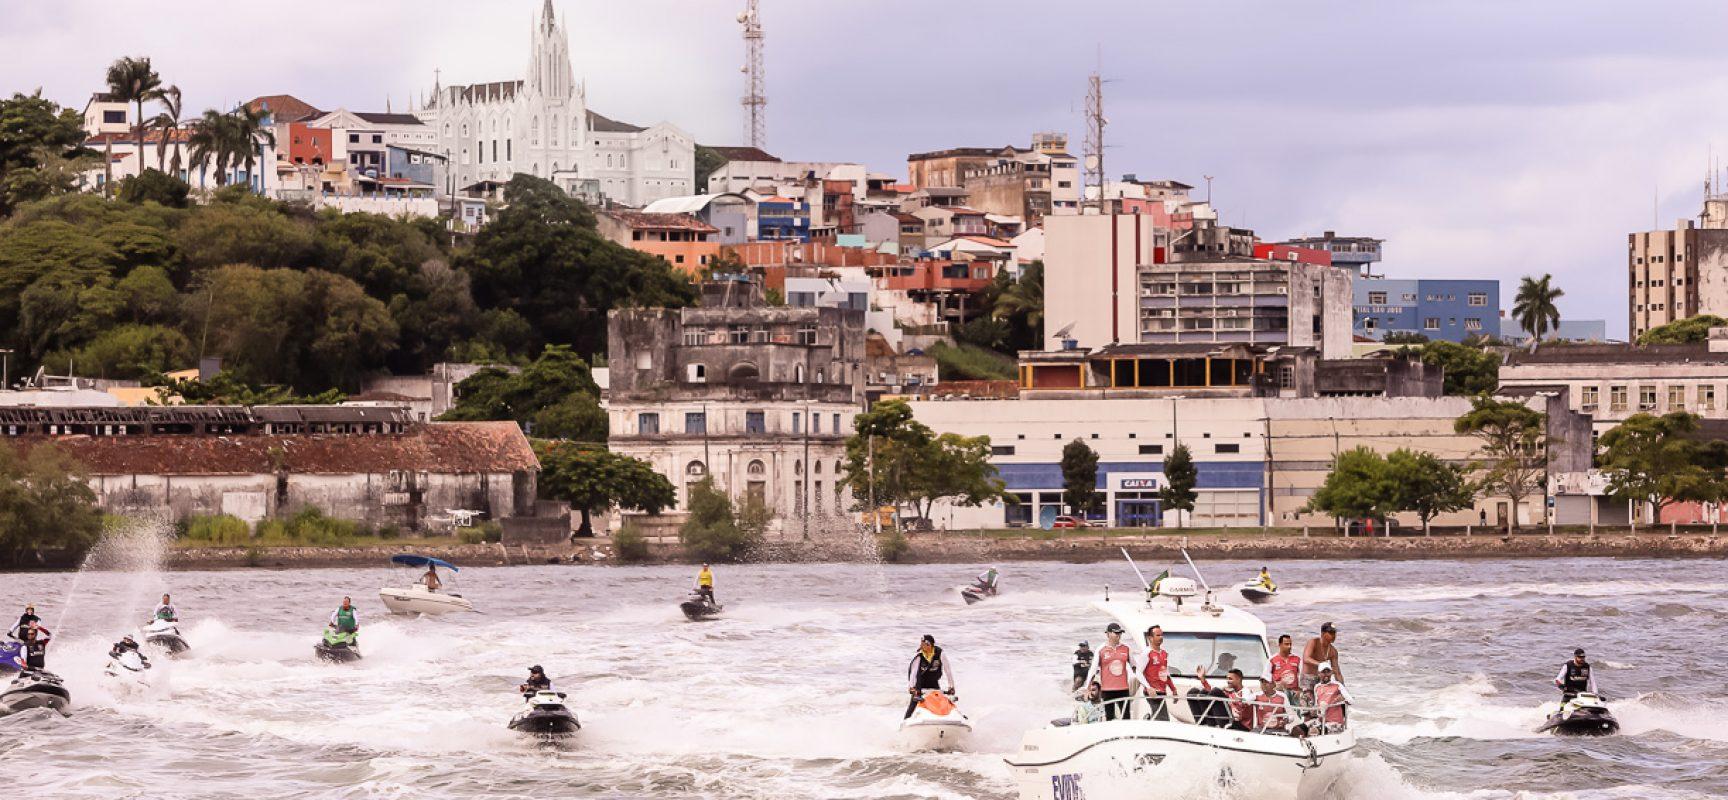 Circuito Baiano de Jet Ski faz a Etapa Ilhéus Experience no dia 31 de maio